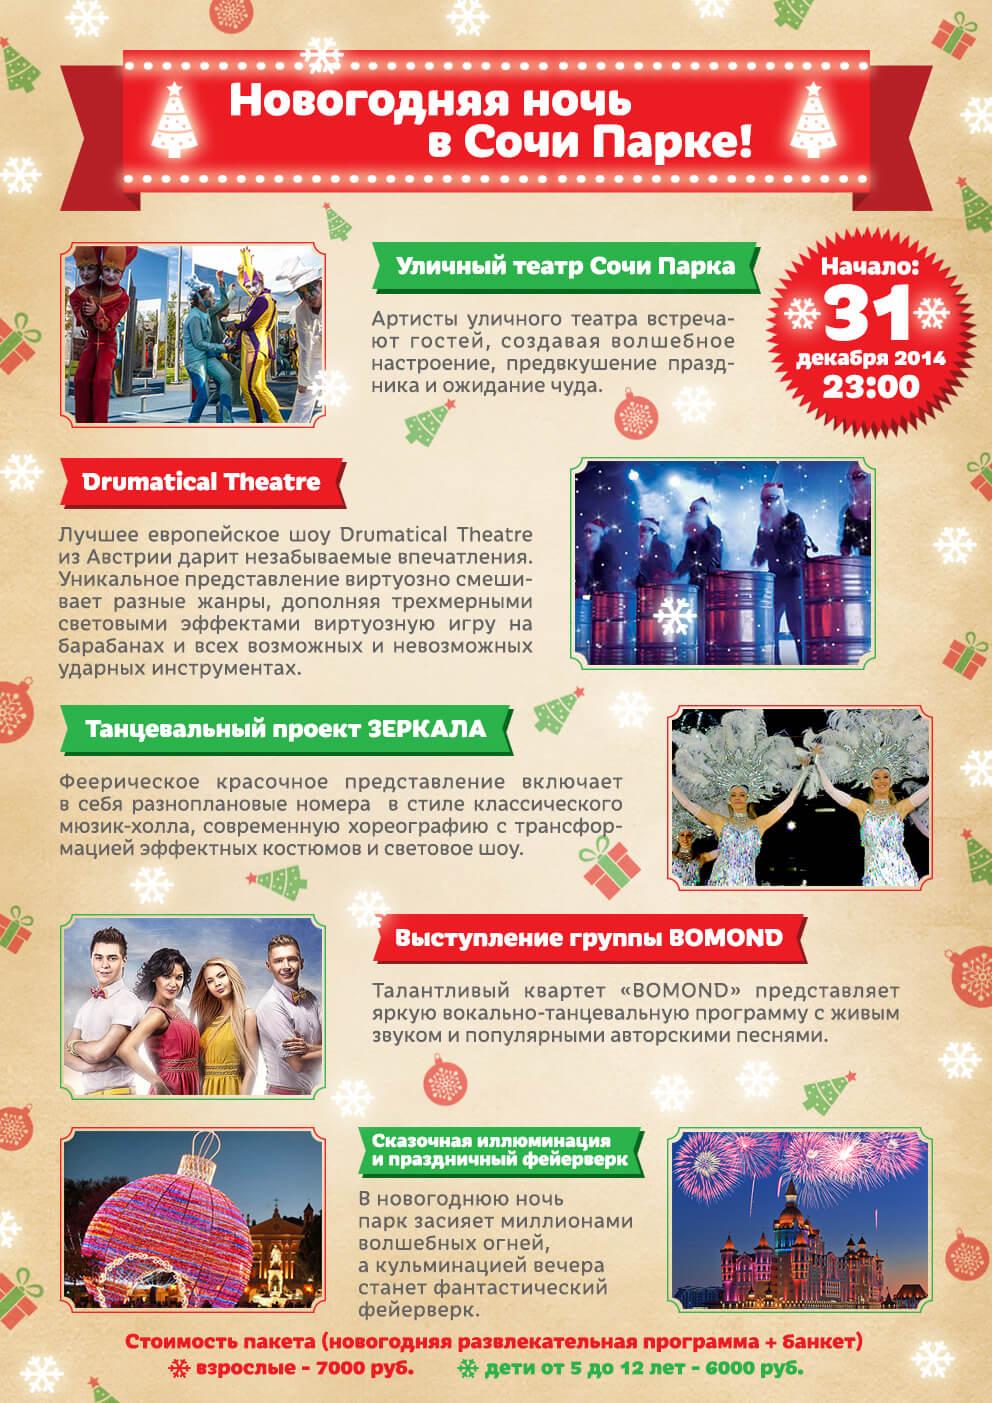 Новый год 2019 в Сочи-Парке: программа, цены